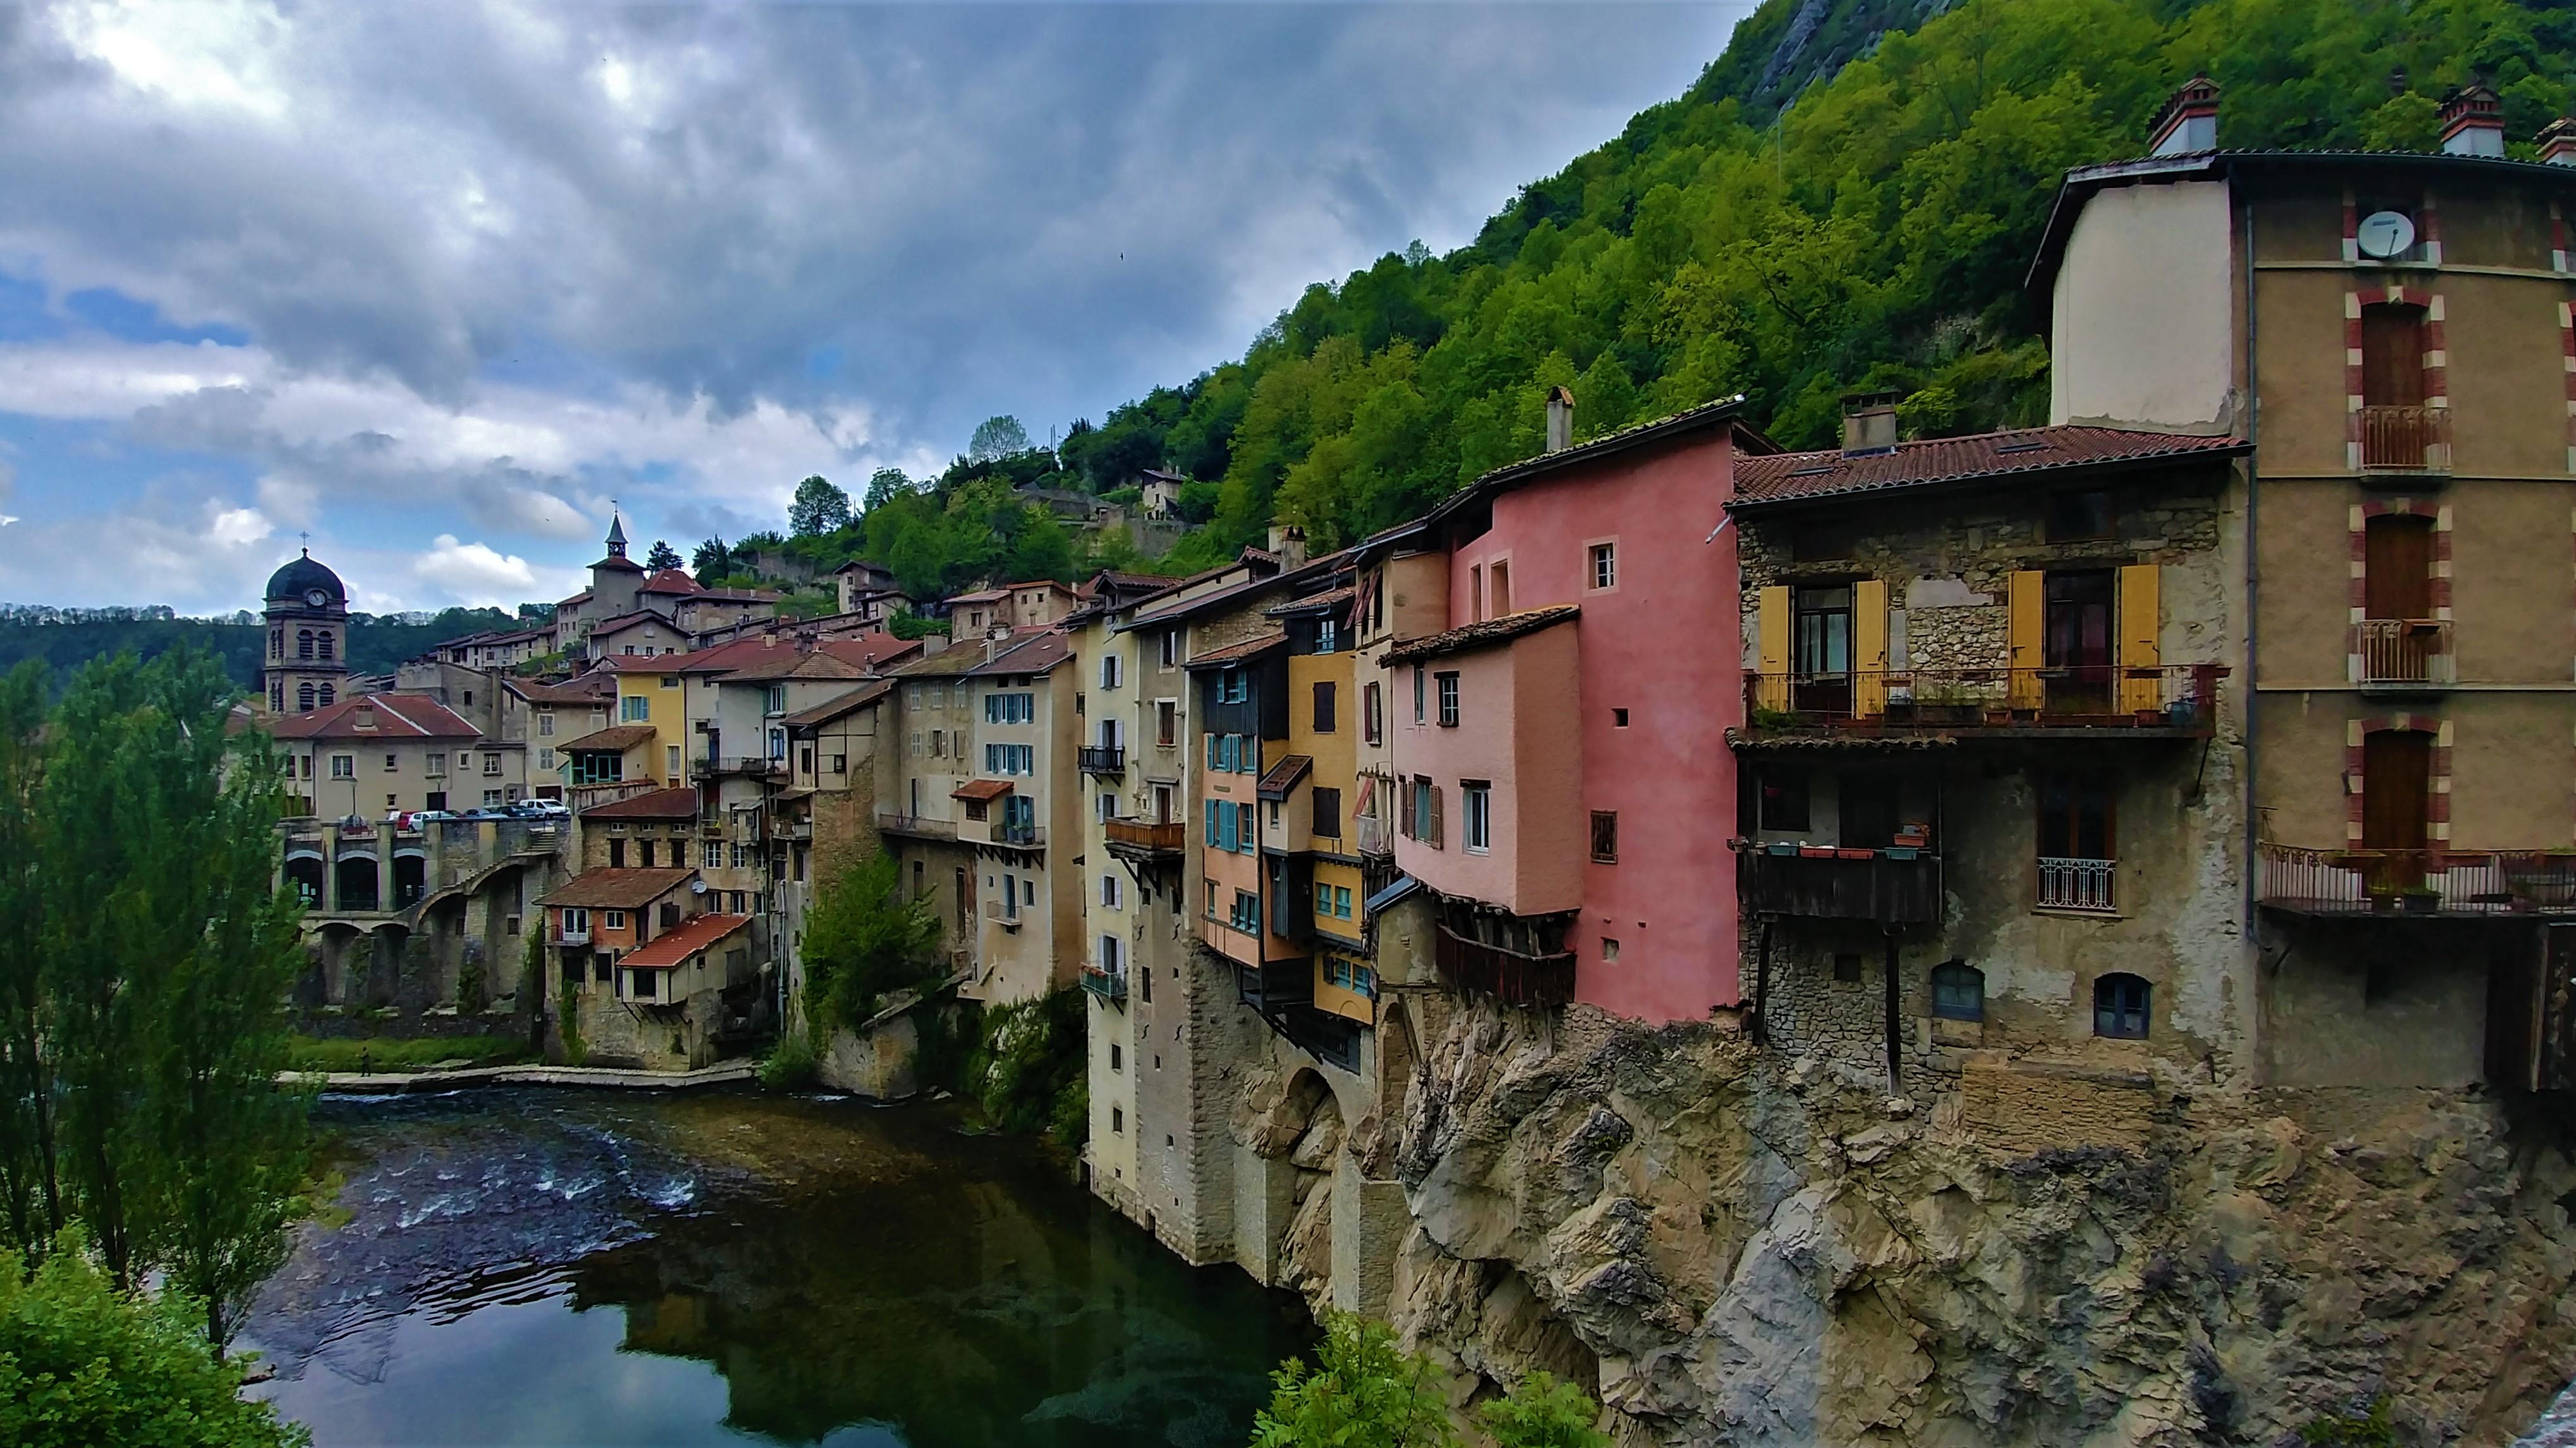 pont-en-royans maisons suspendues blog voyage isere arpenter le chemin